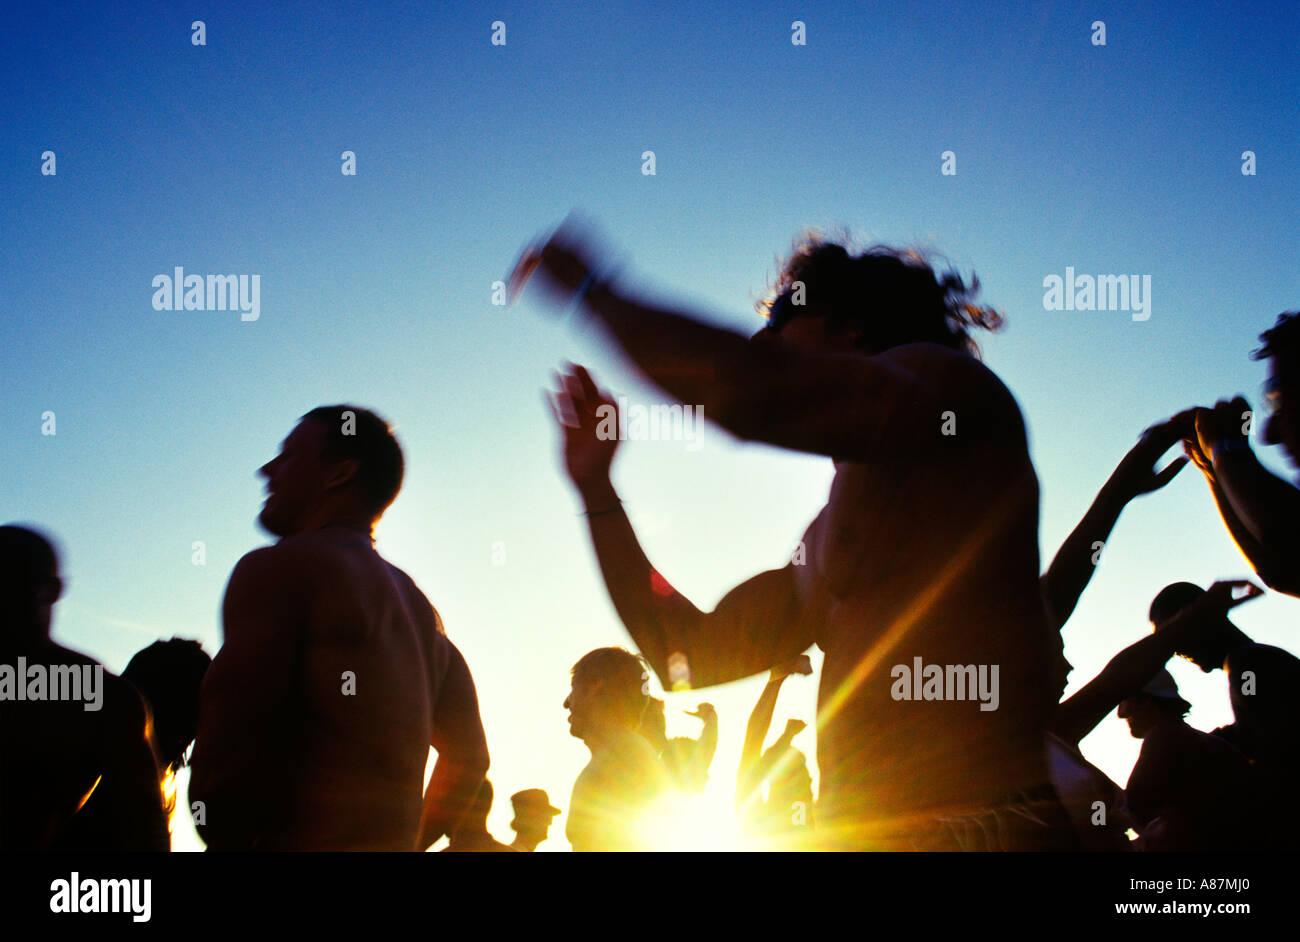 People dancing on Sa Trinchas beach Ibiza - Stock Image